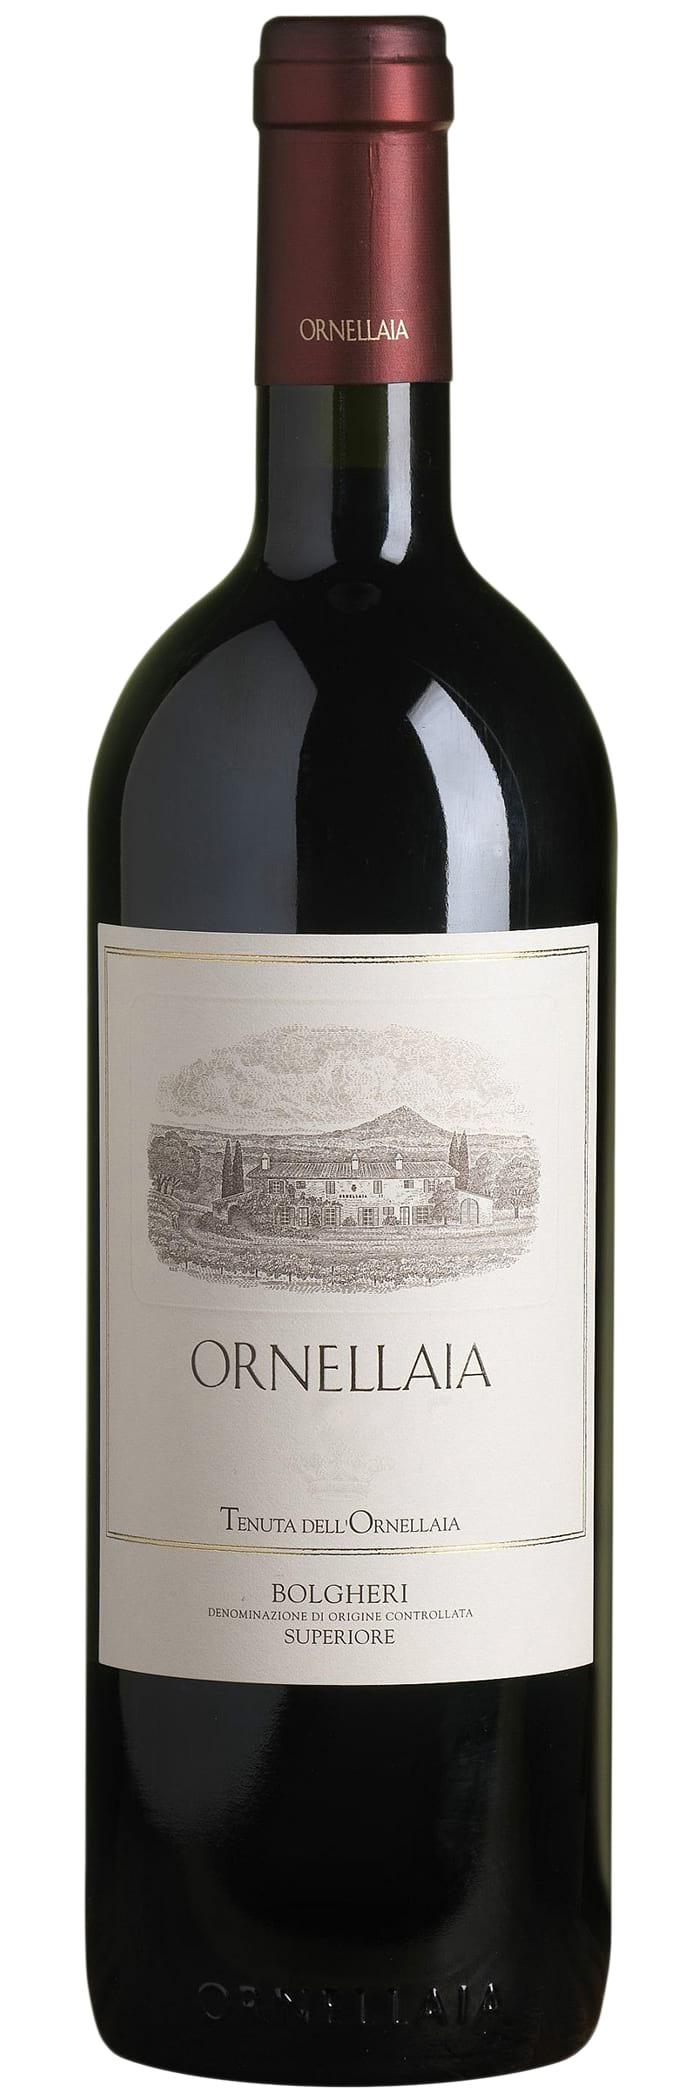 2002 Ornellaia Bolgheri Superiore фото